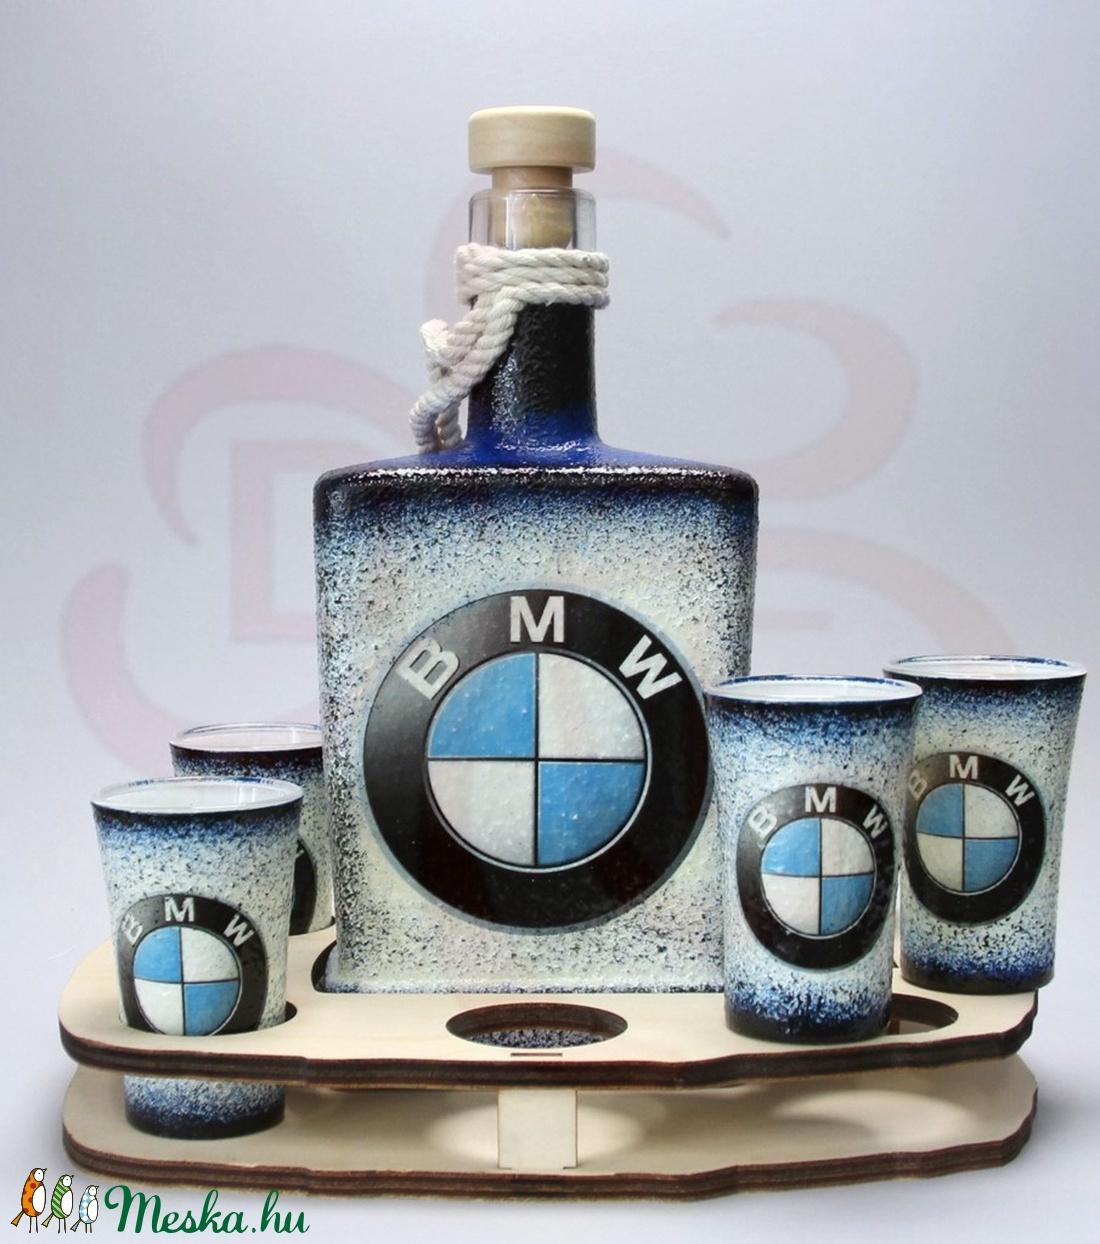 BMW pálinkás készlet ; Saját BMW autód fotójával is!  (decorfantasy) - Meska.hu